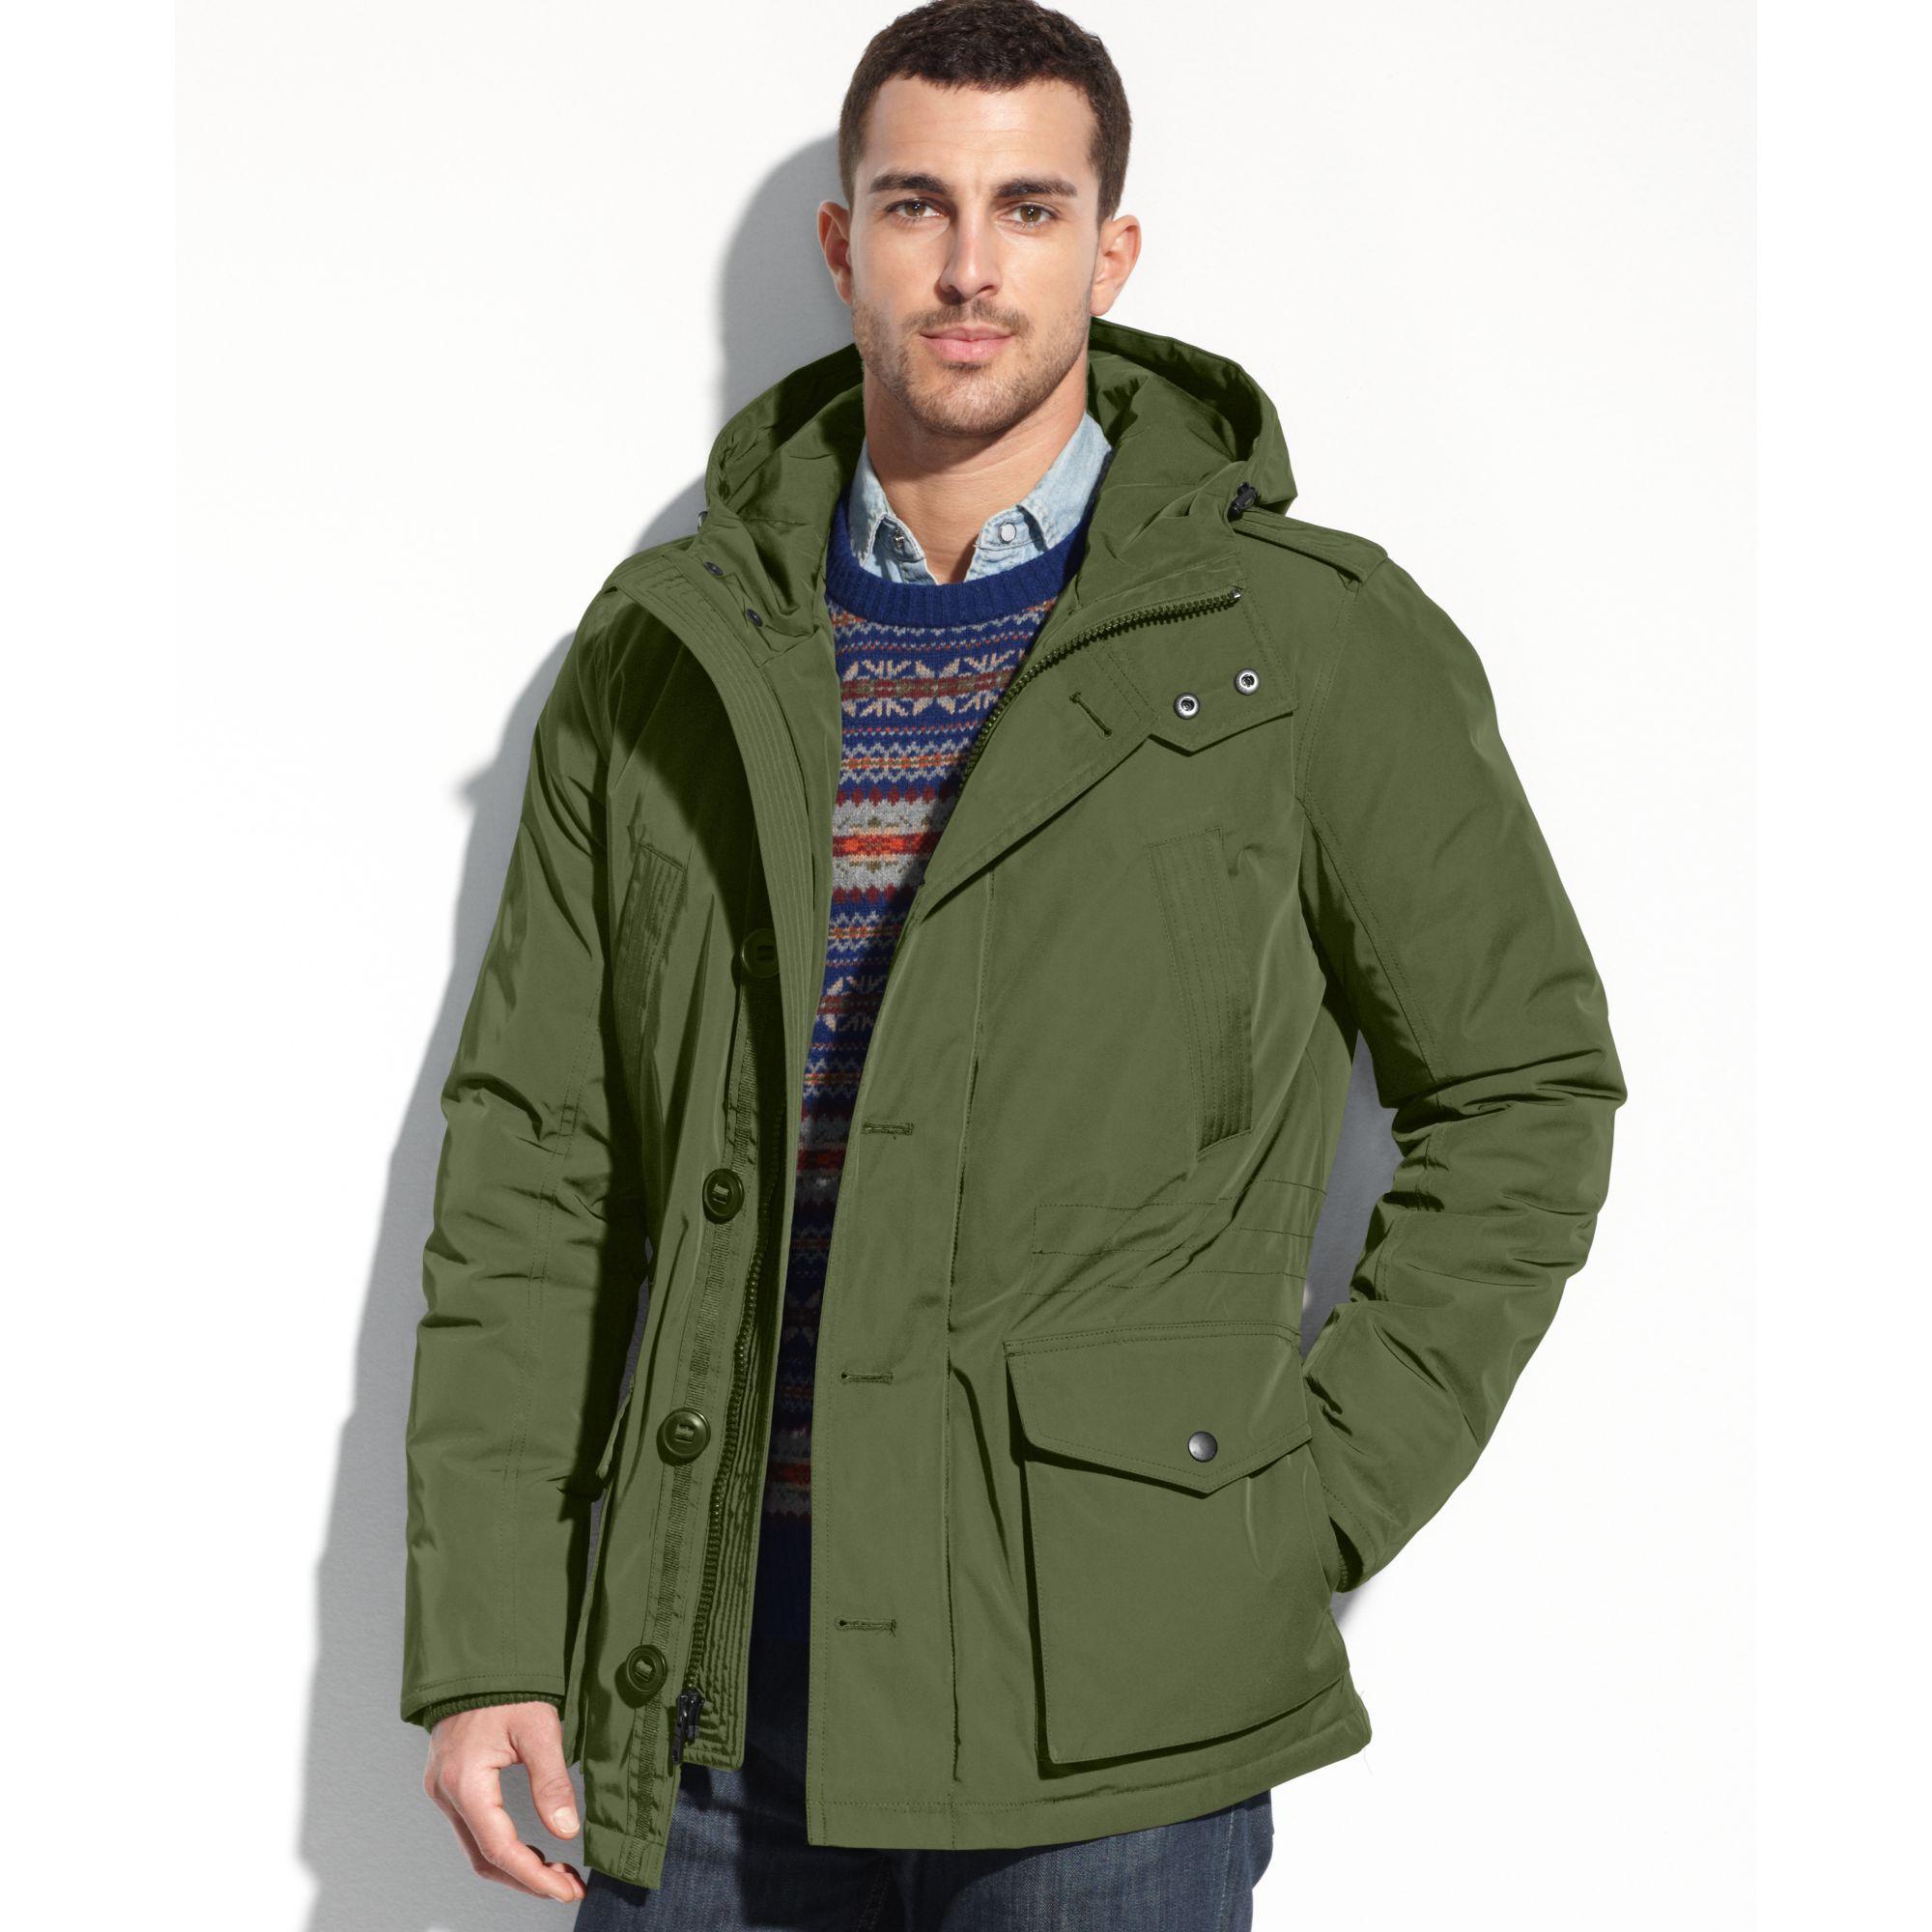 lyst tommy hilfiger hooded parka coat in green for men. Black Bedroom Furniture Sets. Home Design Ideas